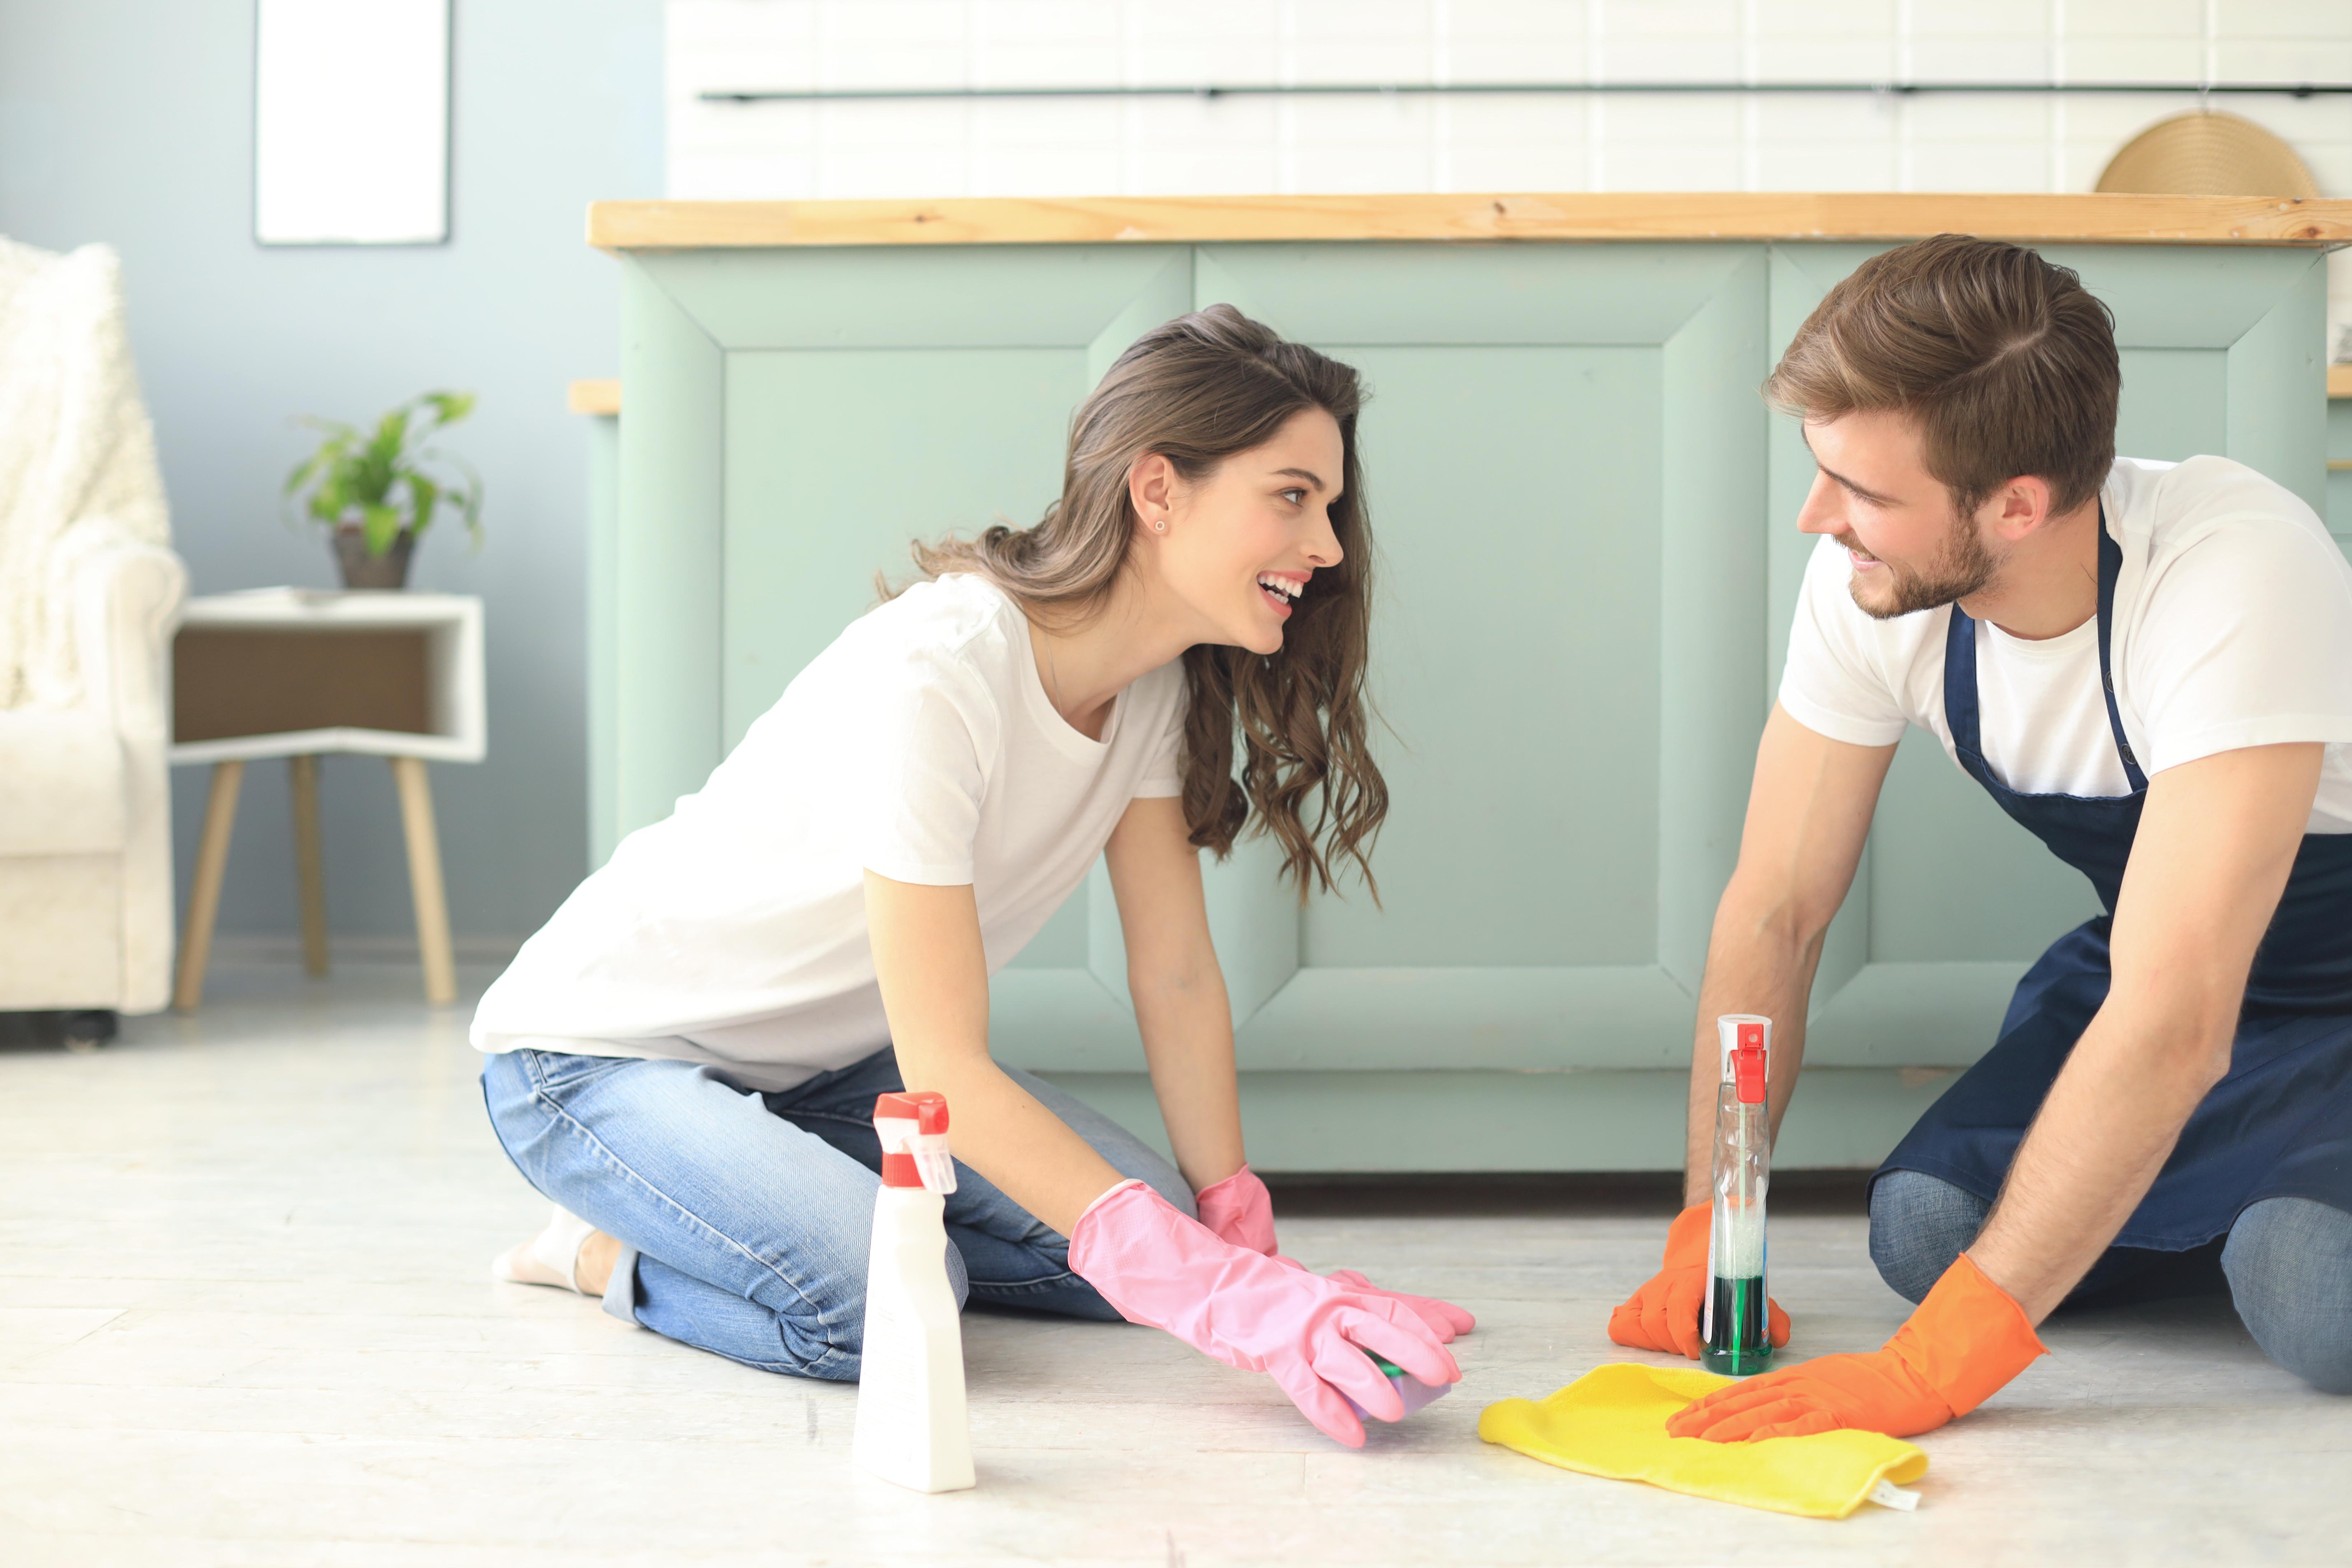 家事代行を副業として選ぶメリットは?